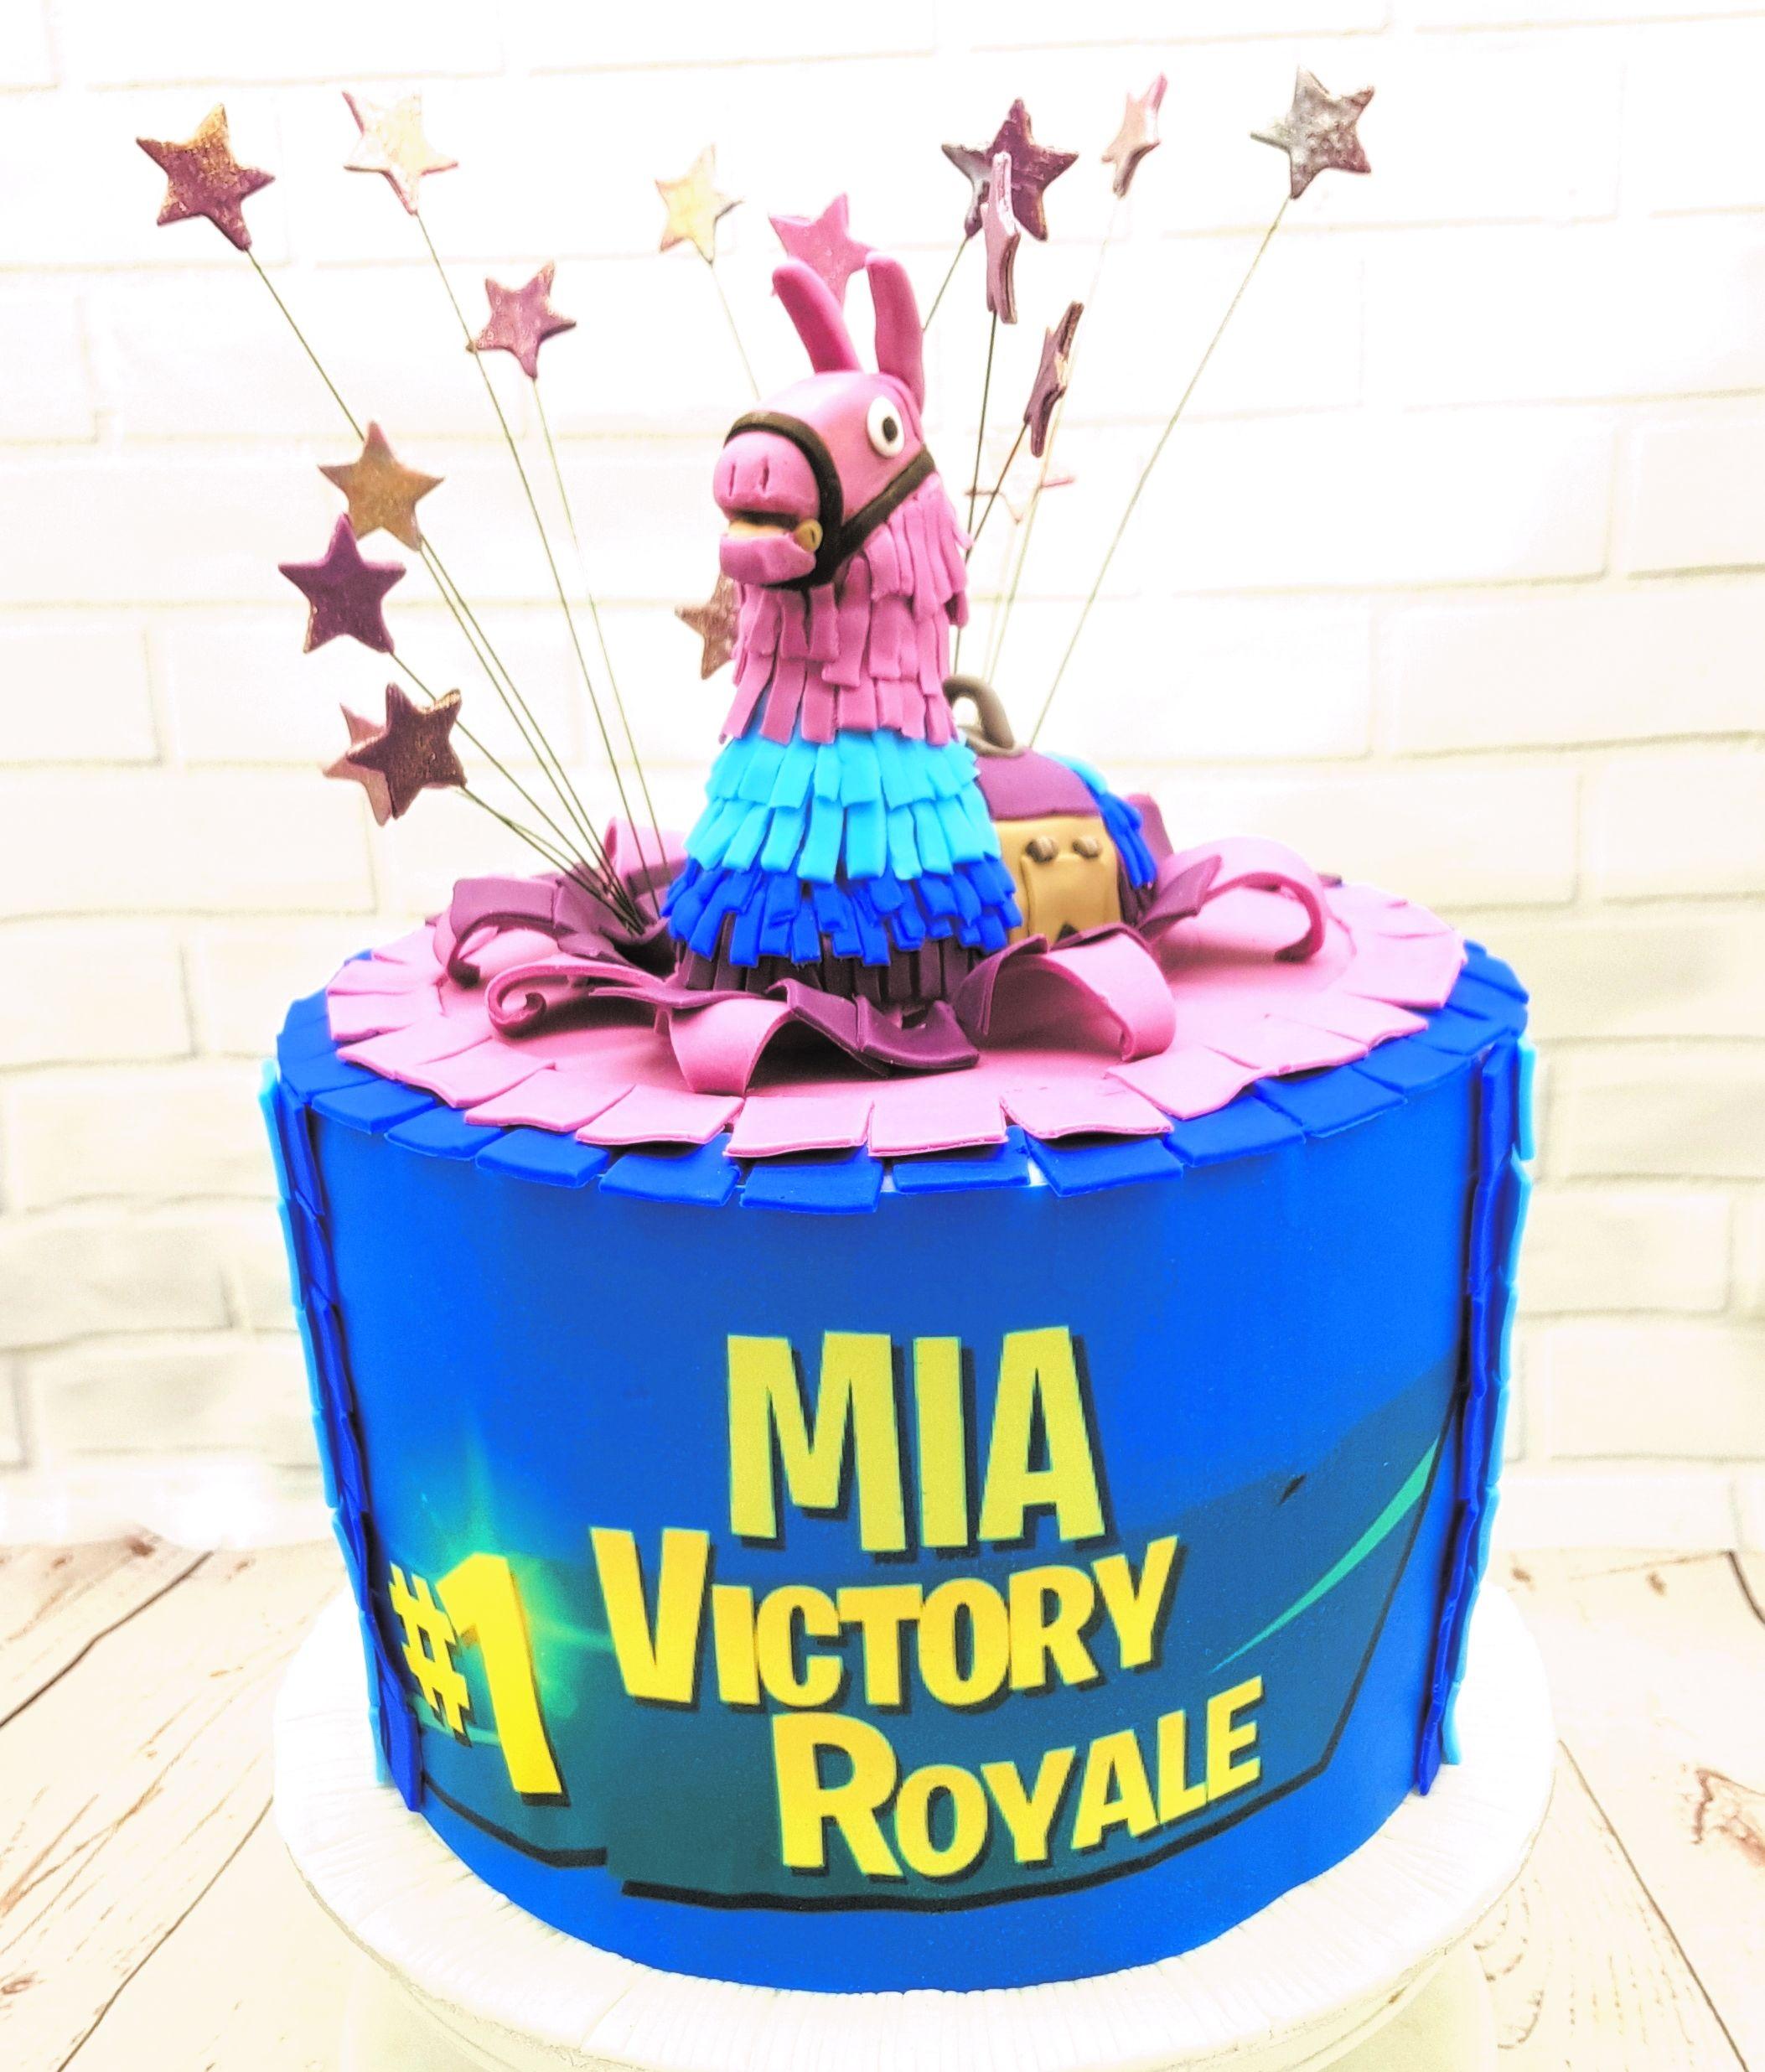 Happy birthday Mia! Mia is a big Fortnite fan so I did a